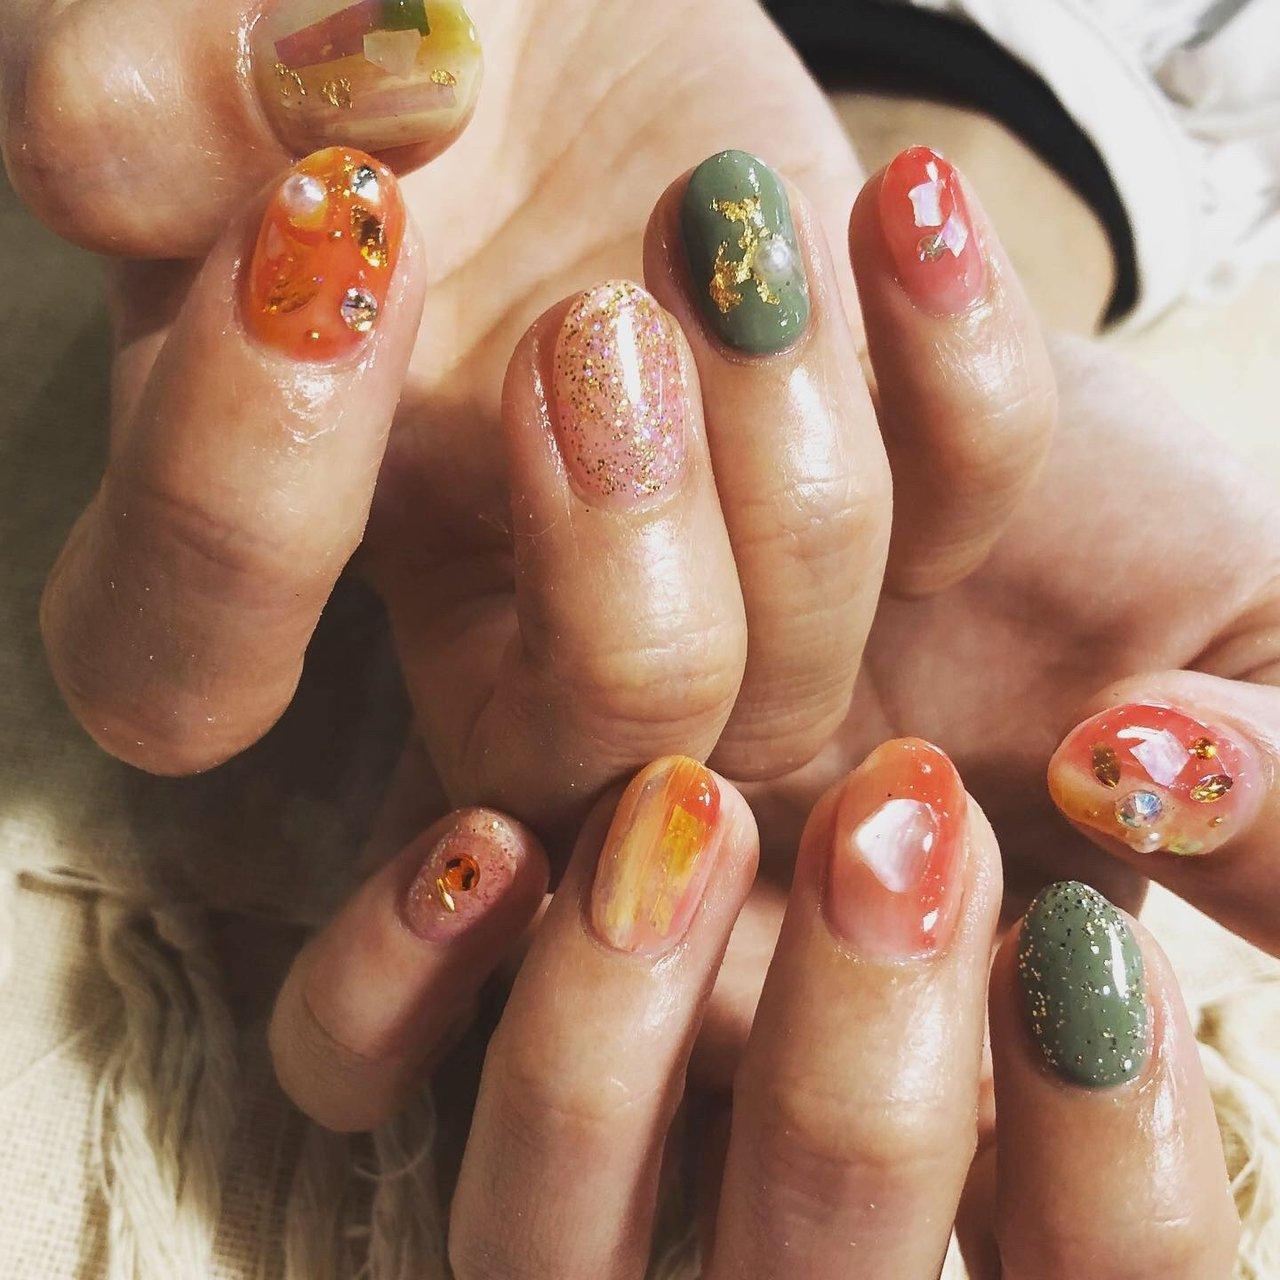 #ニュアンスネイル#オレンジネイル #アシメネイル #ジェルネイル #gelnails #スカルプネイル #sculptednails #春ネイル #springnails #インスタ映え #夏ネイル#summernails #秋ネイル #autumnnails #ネイル #ネイルデザイン #nail #nails #nailstagram #nailart #naildesign #個性派ネイル #派手ネイル #高田馬場 #西早稲田 #面影橋 #高田馬場ネイル #西早稲田ネイル #オールシーズン #旅行 #海 #リゾート #ハンド #グラデーション #ホログラム #ラメ #ワンカラー #ニュアンス #ショート #オレンジ #イエロー #グリーン #ジェル #お客様 #Juri #ネイルブック